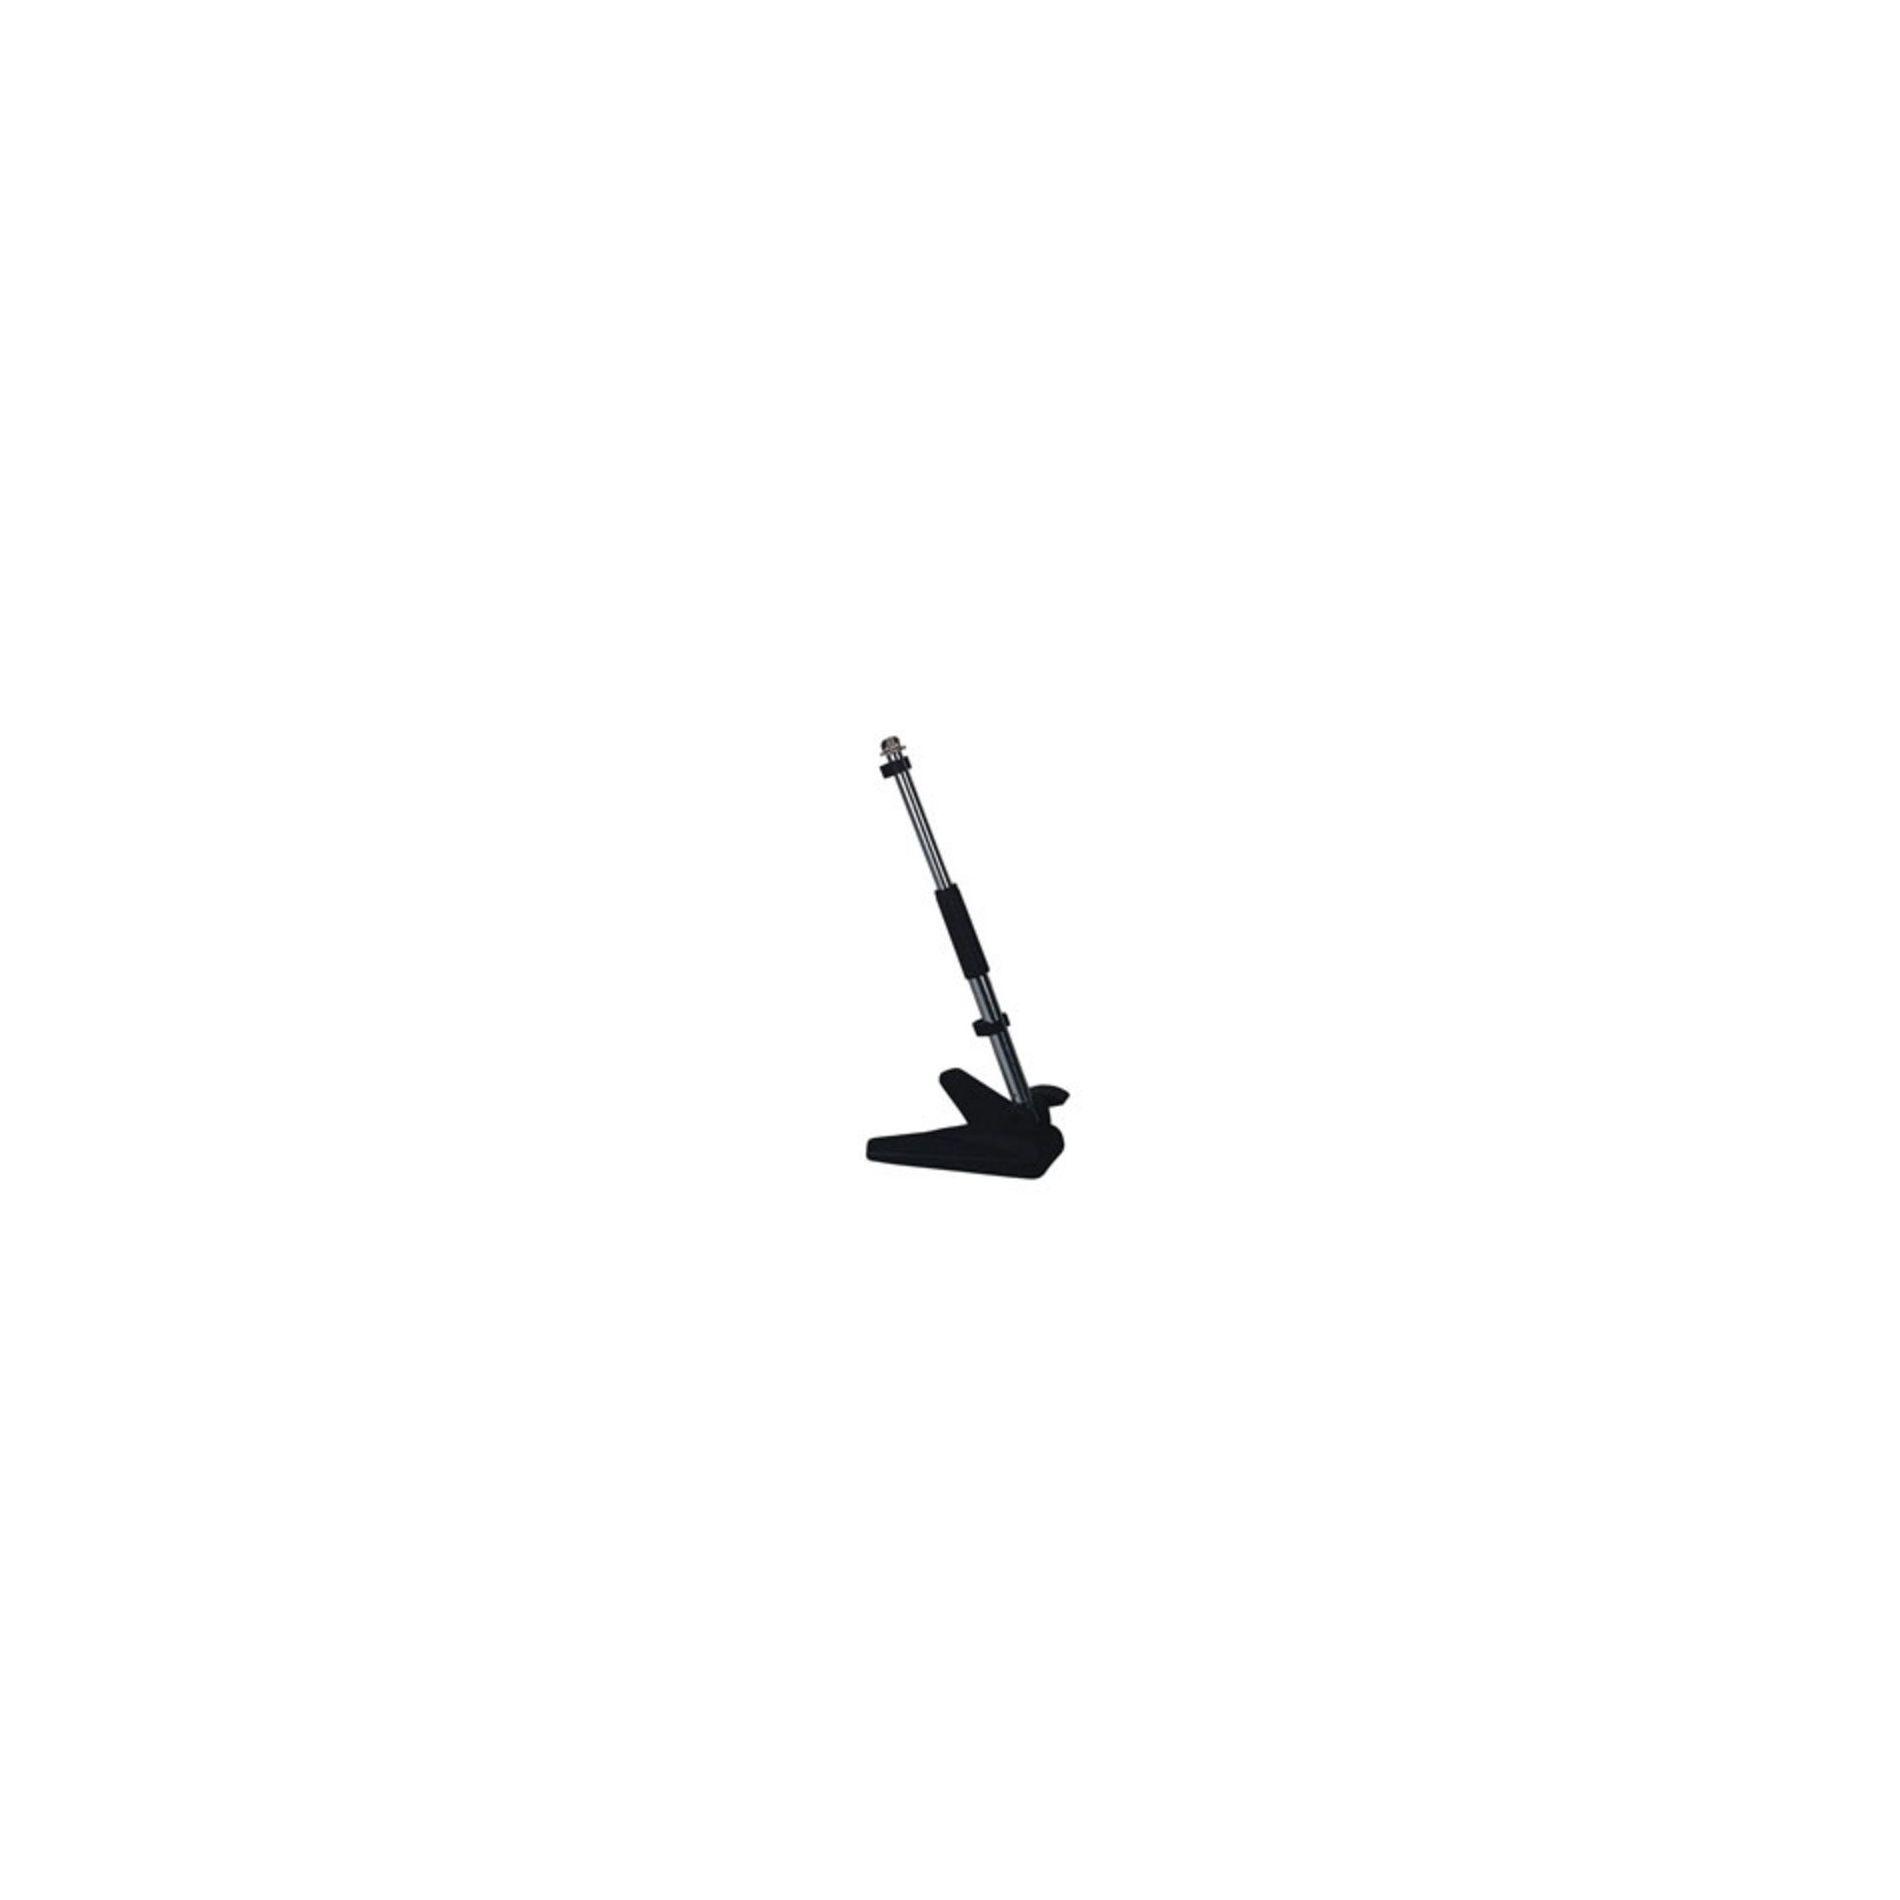 Pied de micro bas de sol ou table 54cm téléscopique